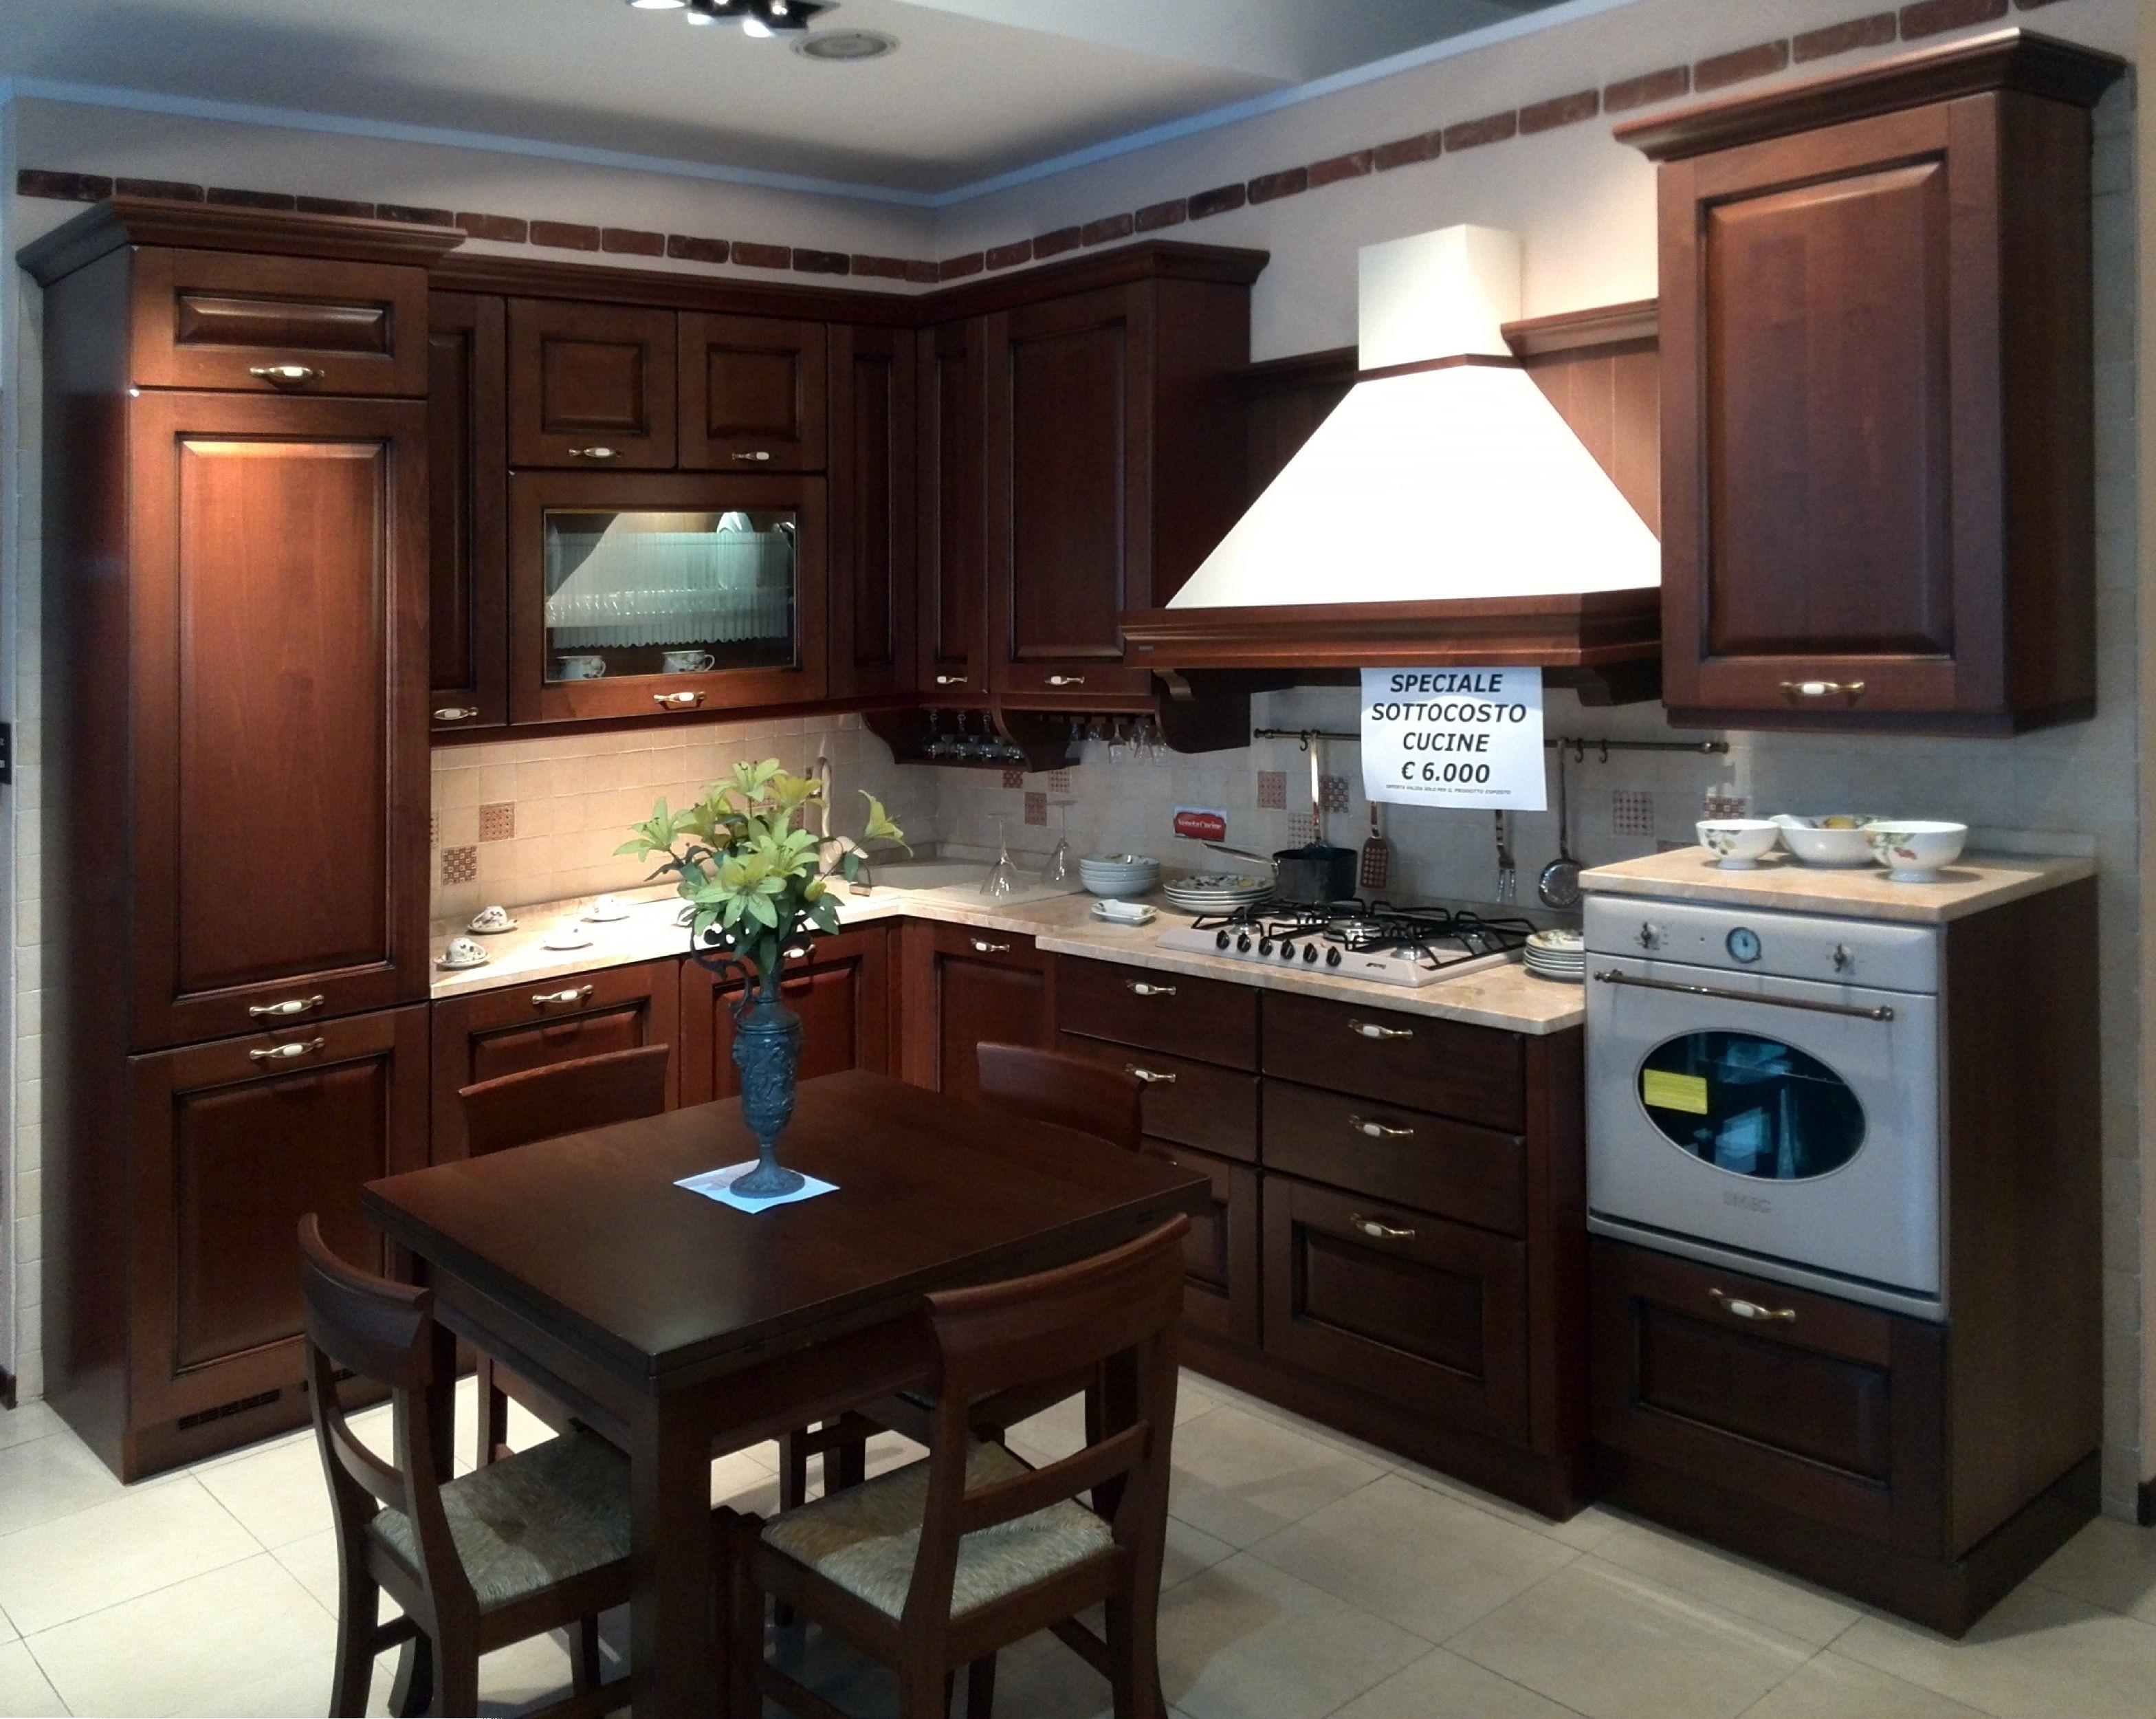 Veneta cucine cucina verdiana ciliegio anticato scontato for Cucine e cucine prezzi